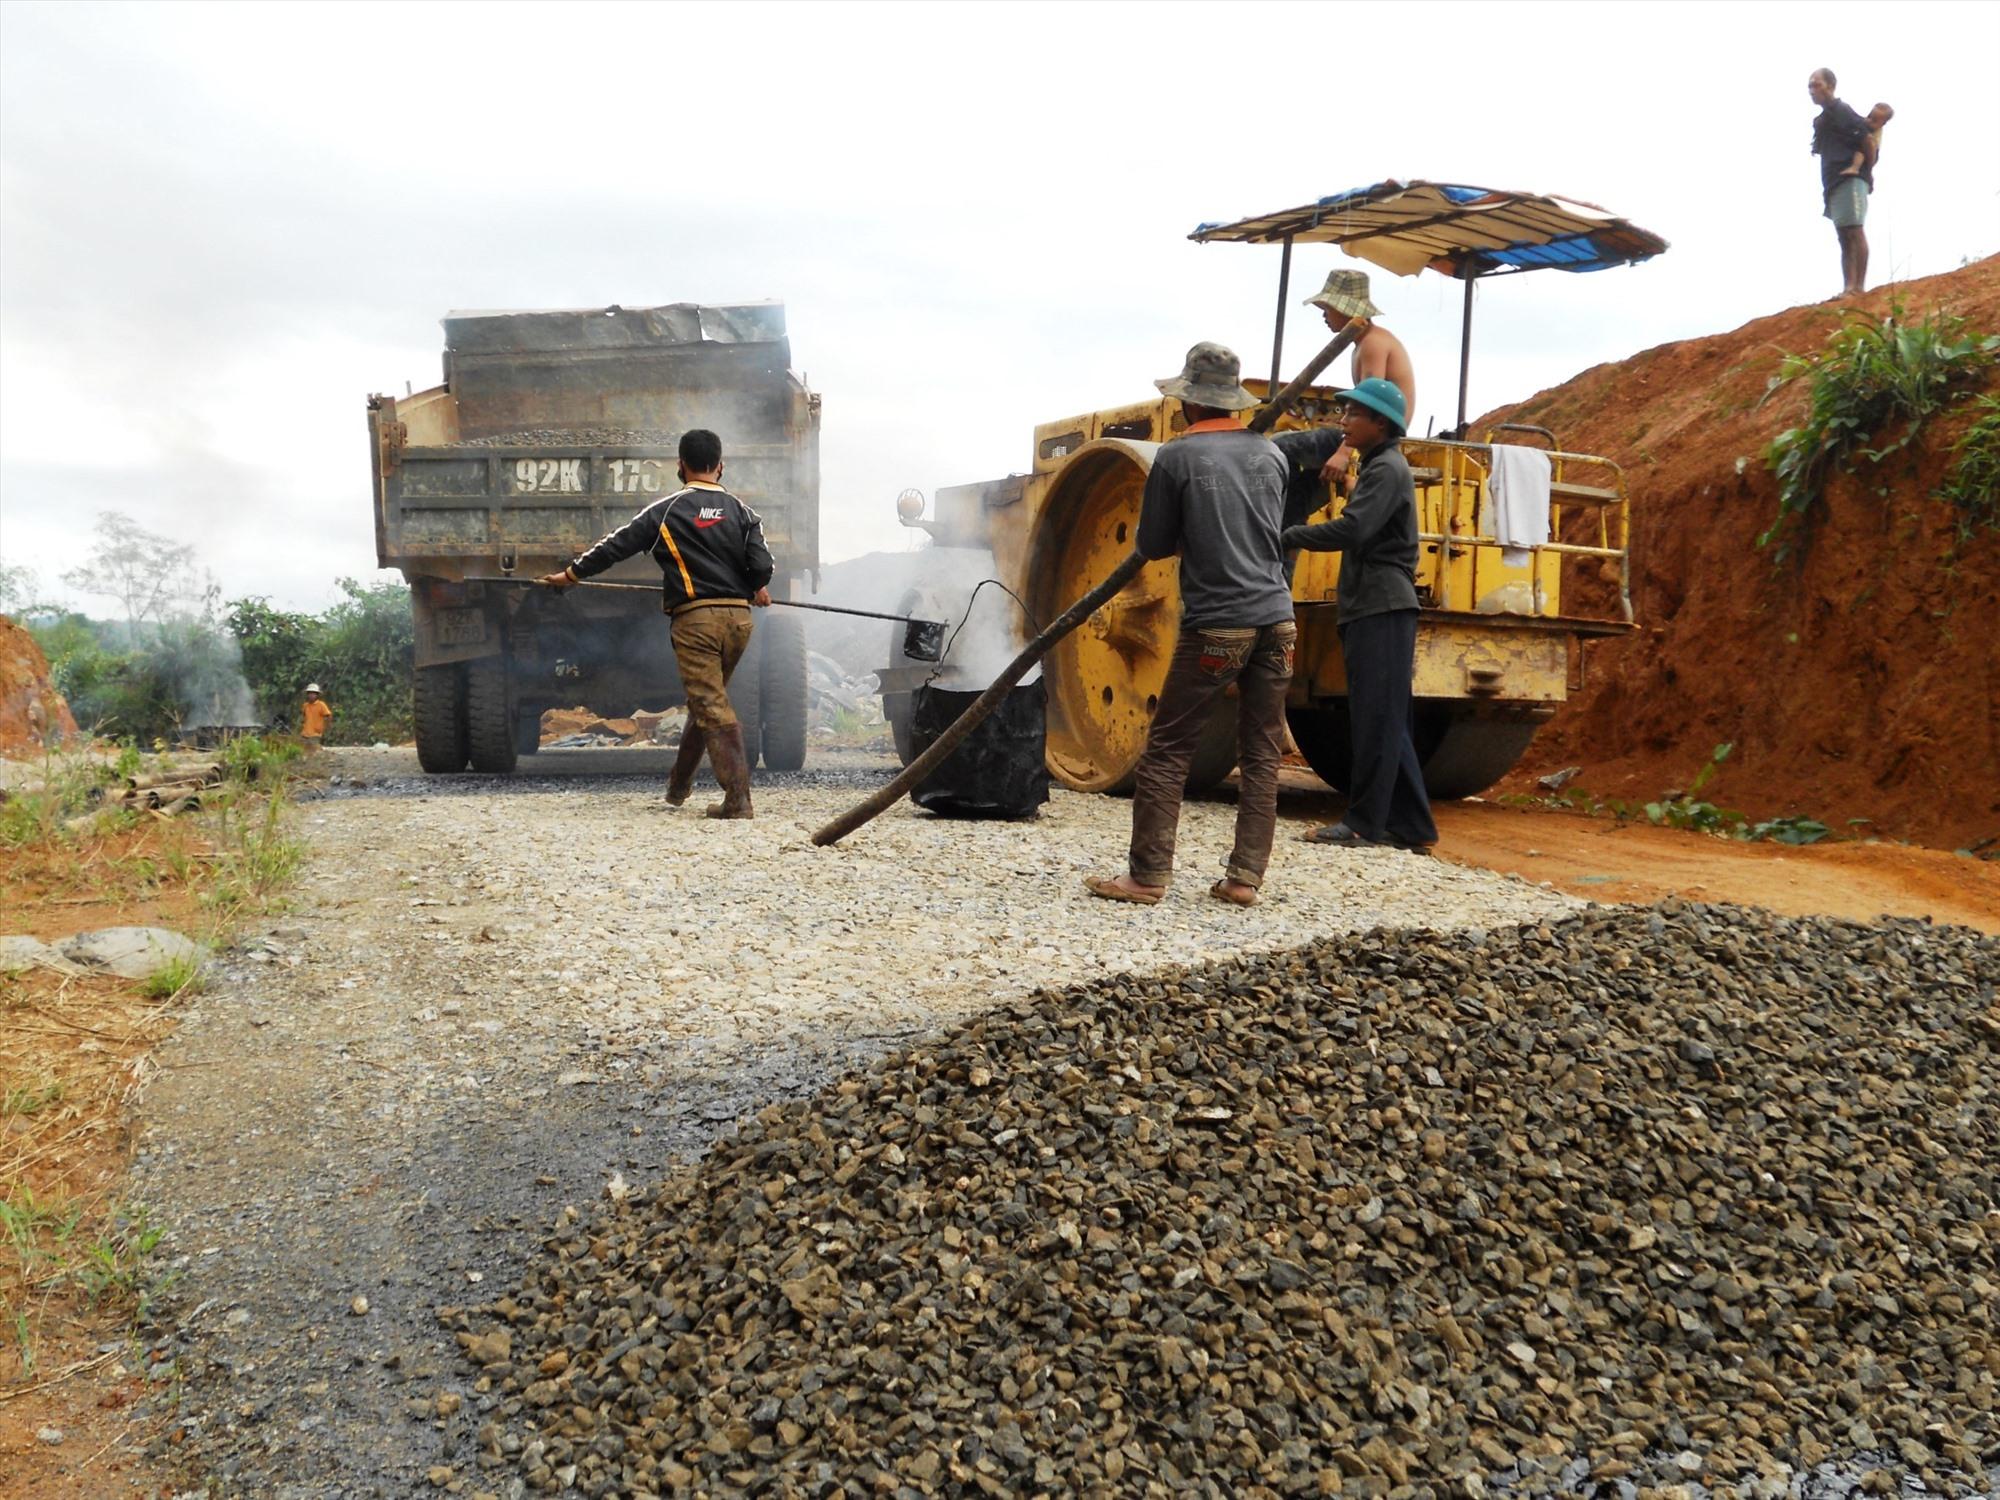 Từ Chương trình Mục tiêu quốc gia về xây dựng NTM, đến nay, 10/10 xã của Nam Trà My đã có đường ô tô đến trung tâm. Ảnh: H.MỸ